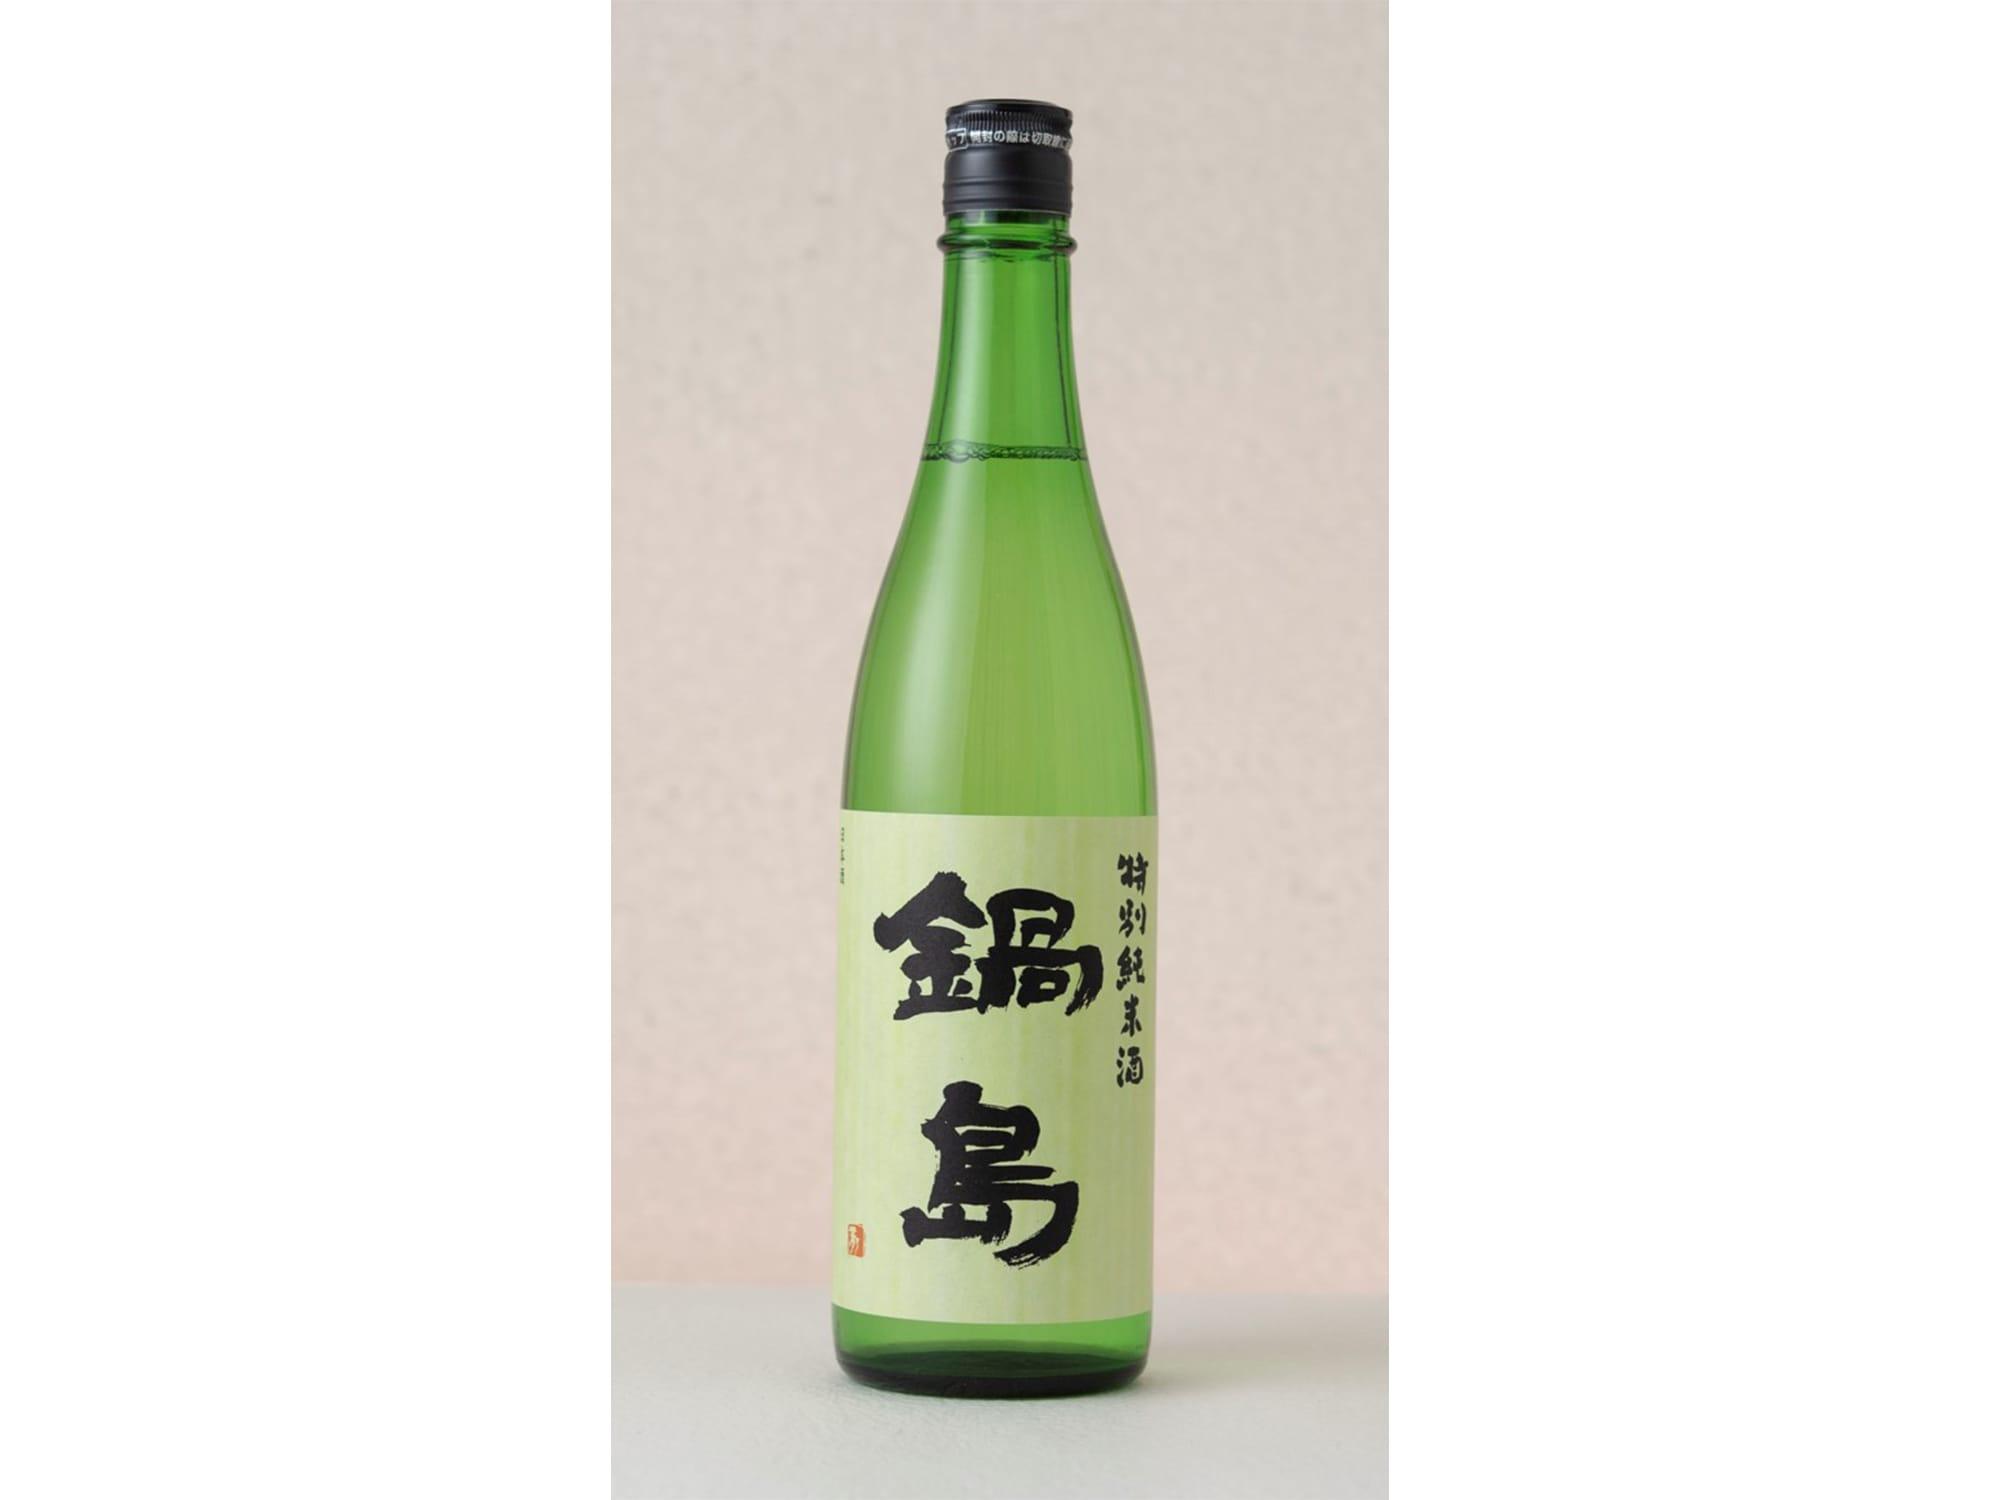 「鍋島 特別純米酒」720ml 1,428円(税抜)